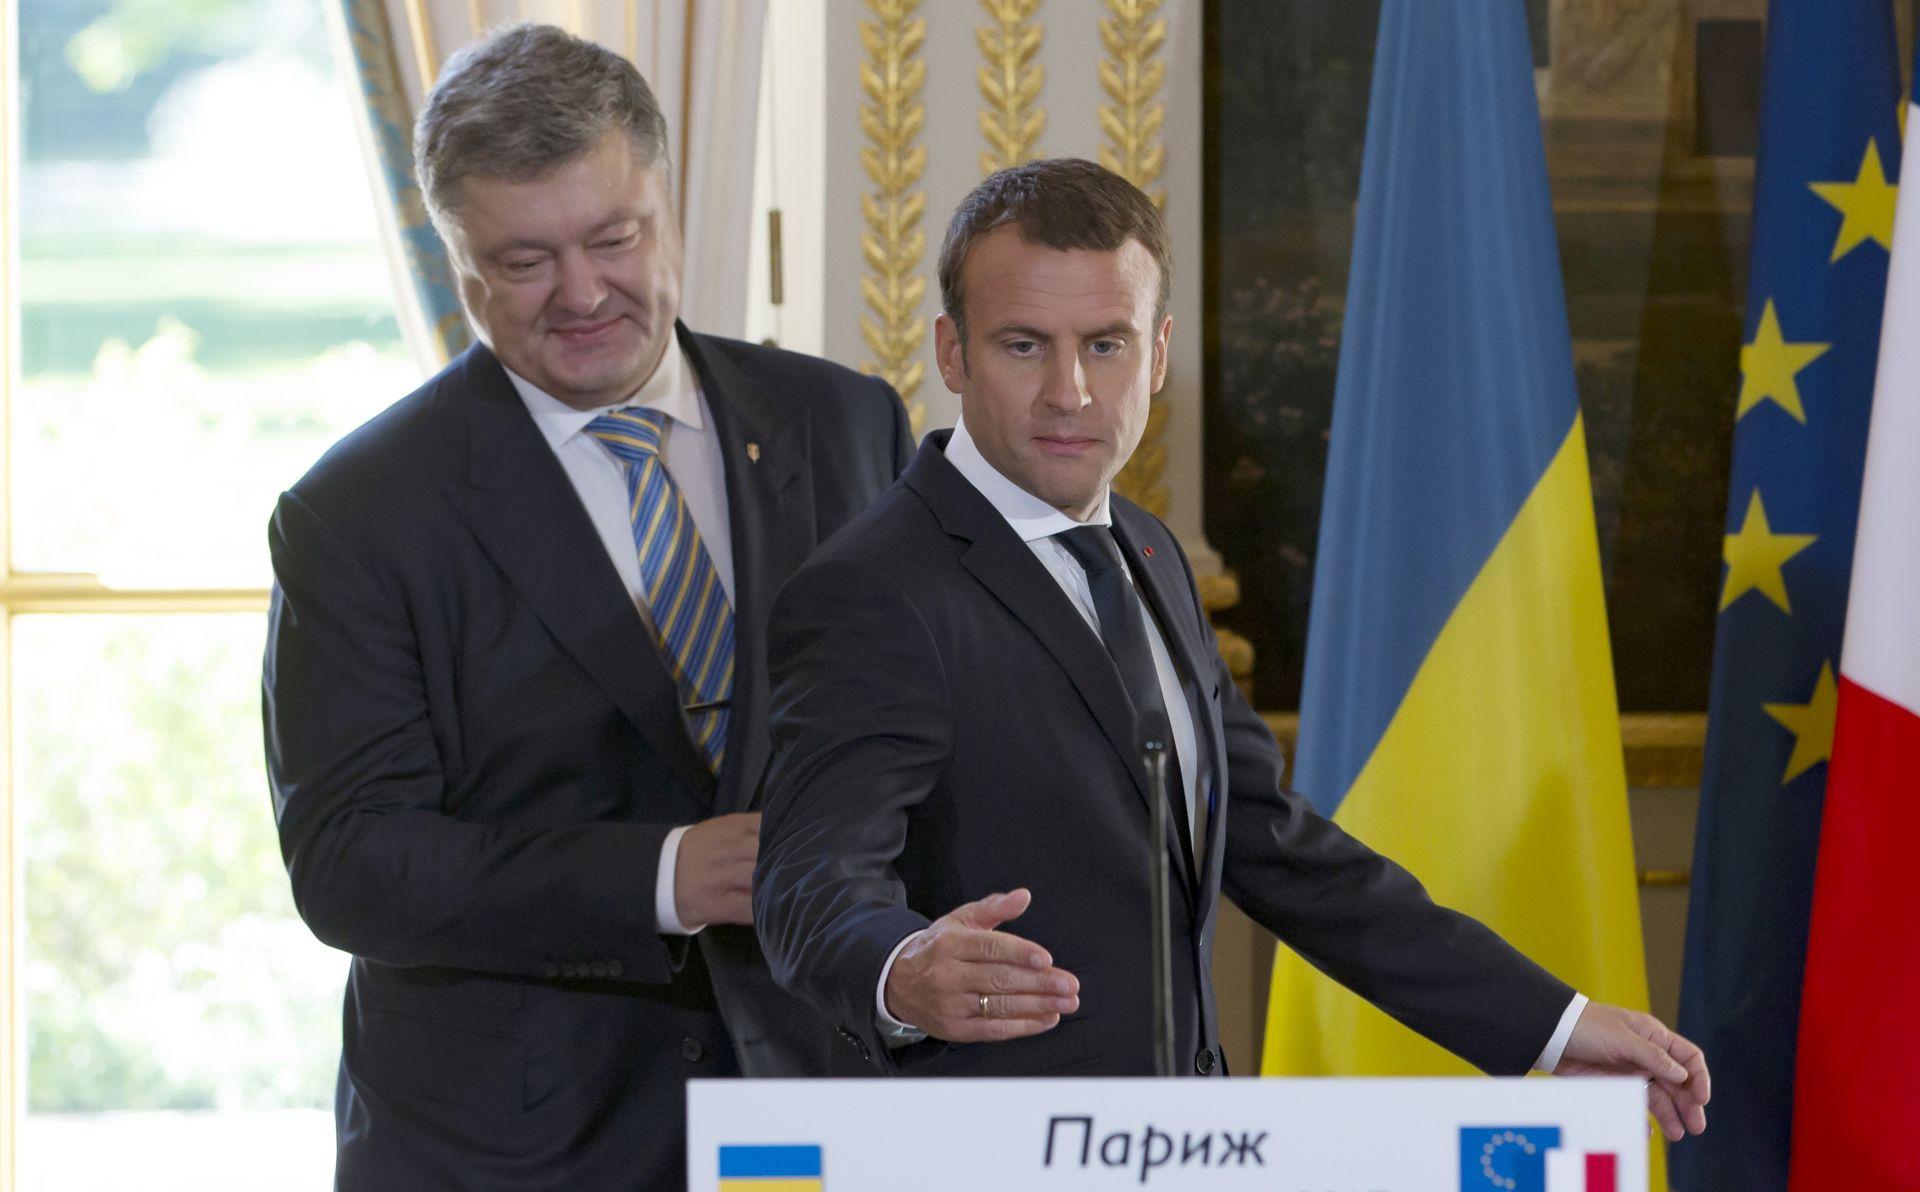 MACRON Francuska neće priznati pripojenje Krima